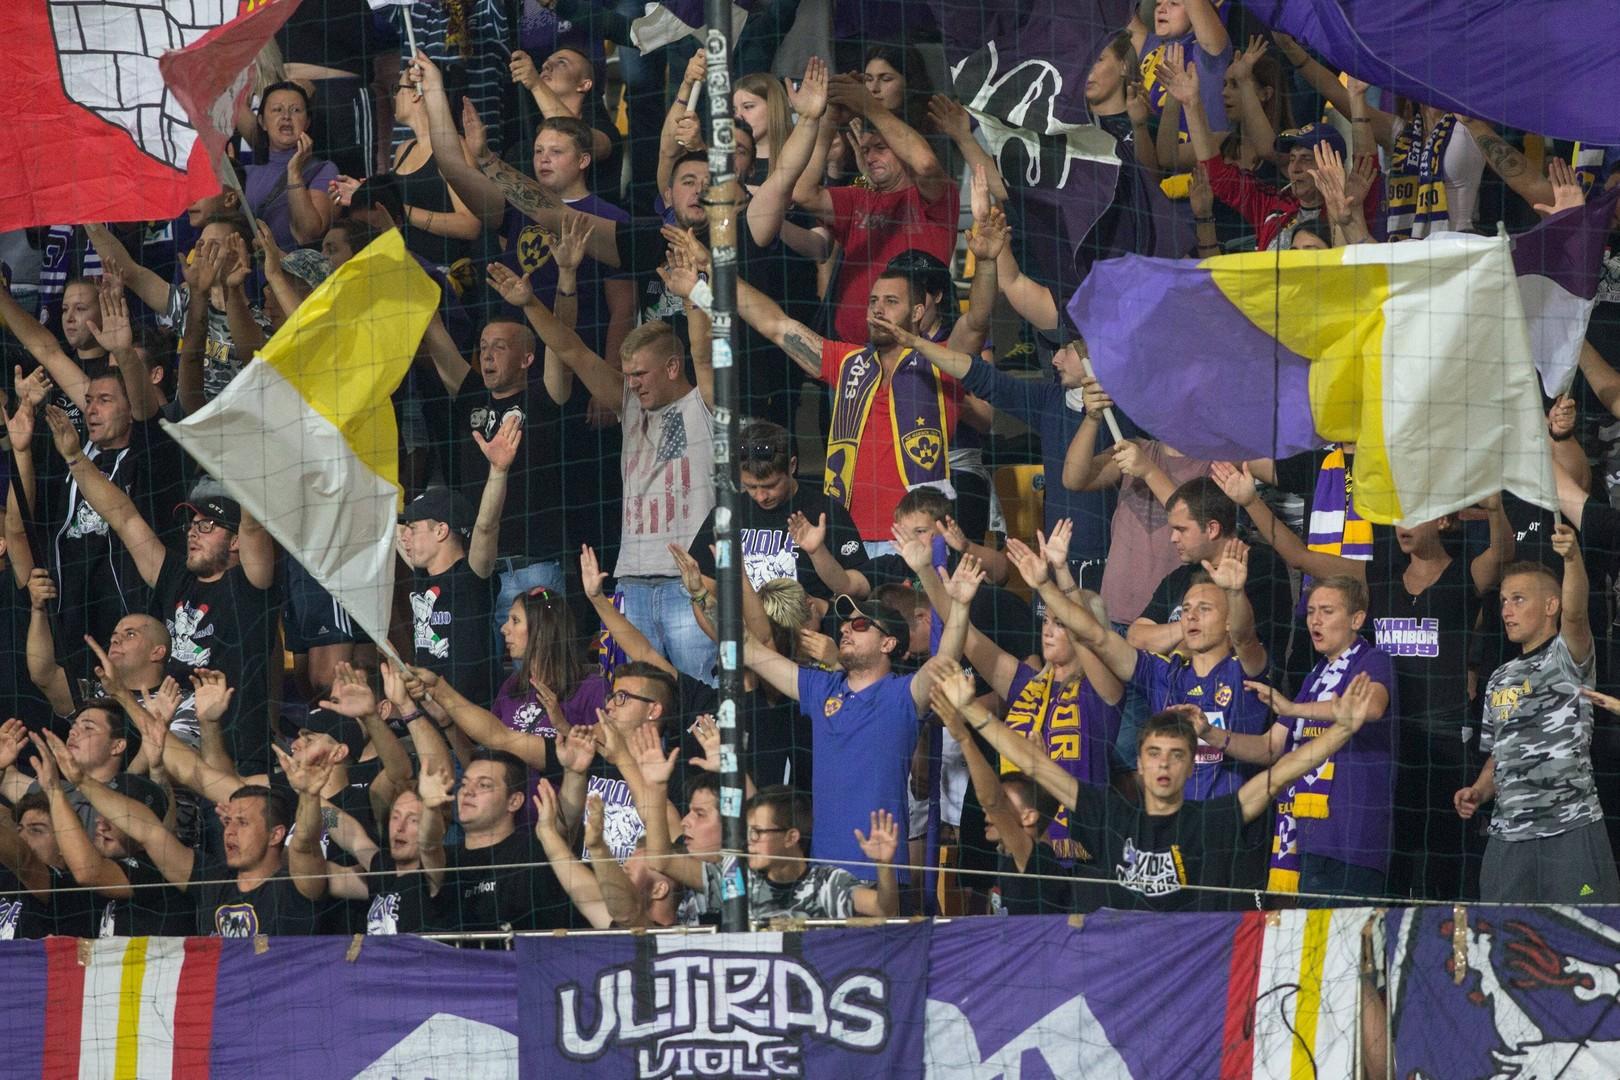 Ruski športni komentatorji izpostavljajo prednost domačega igrišča in polne tribune navijačev kot pomembna dejavnika v prid Mariboru.